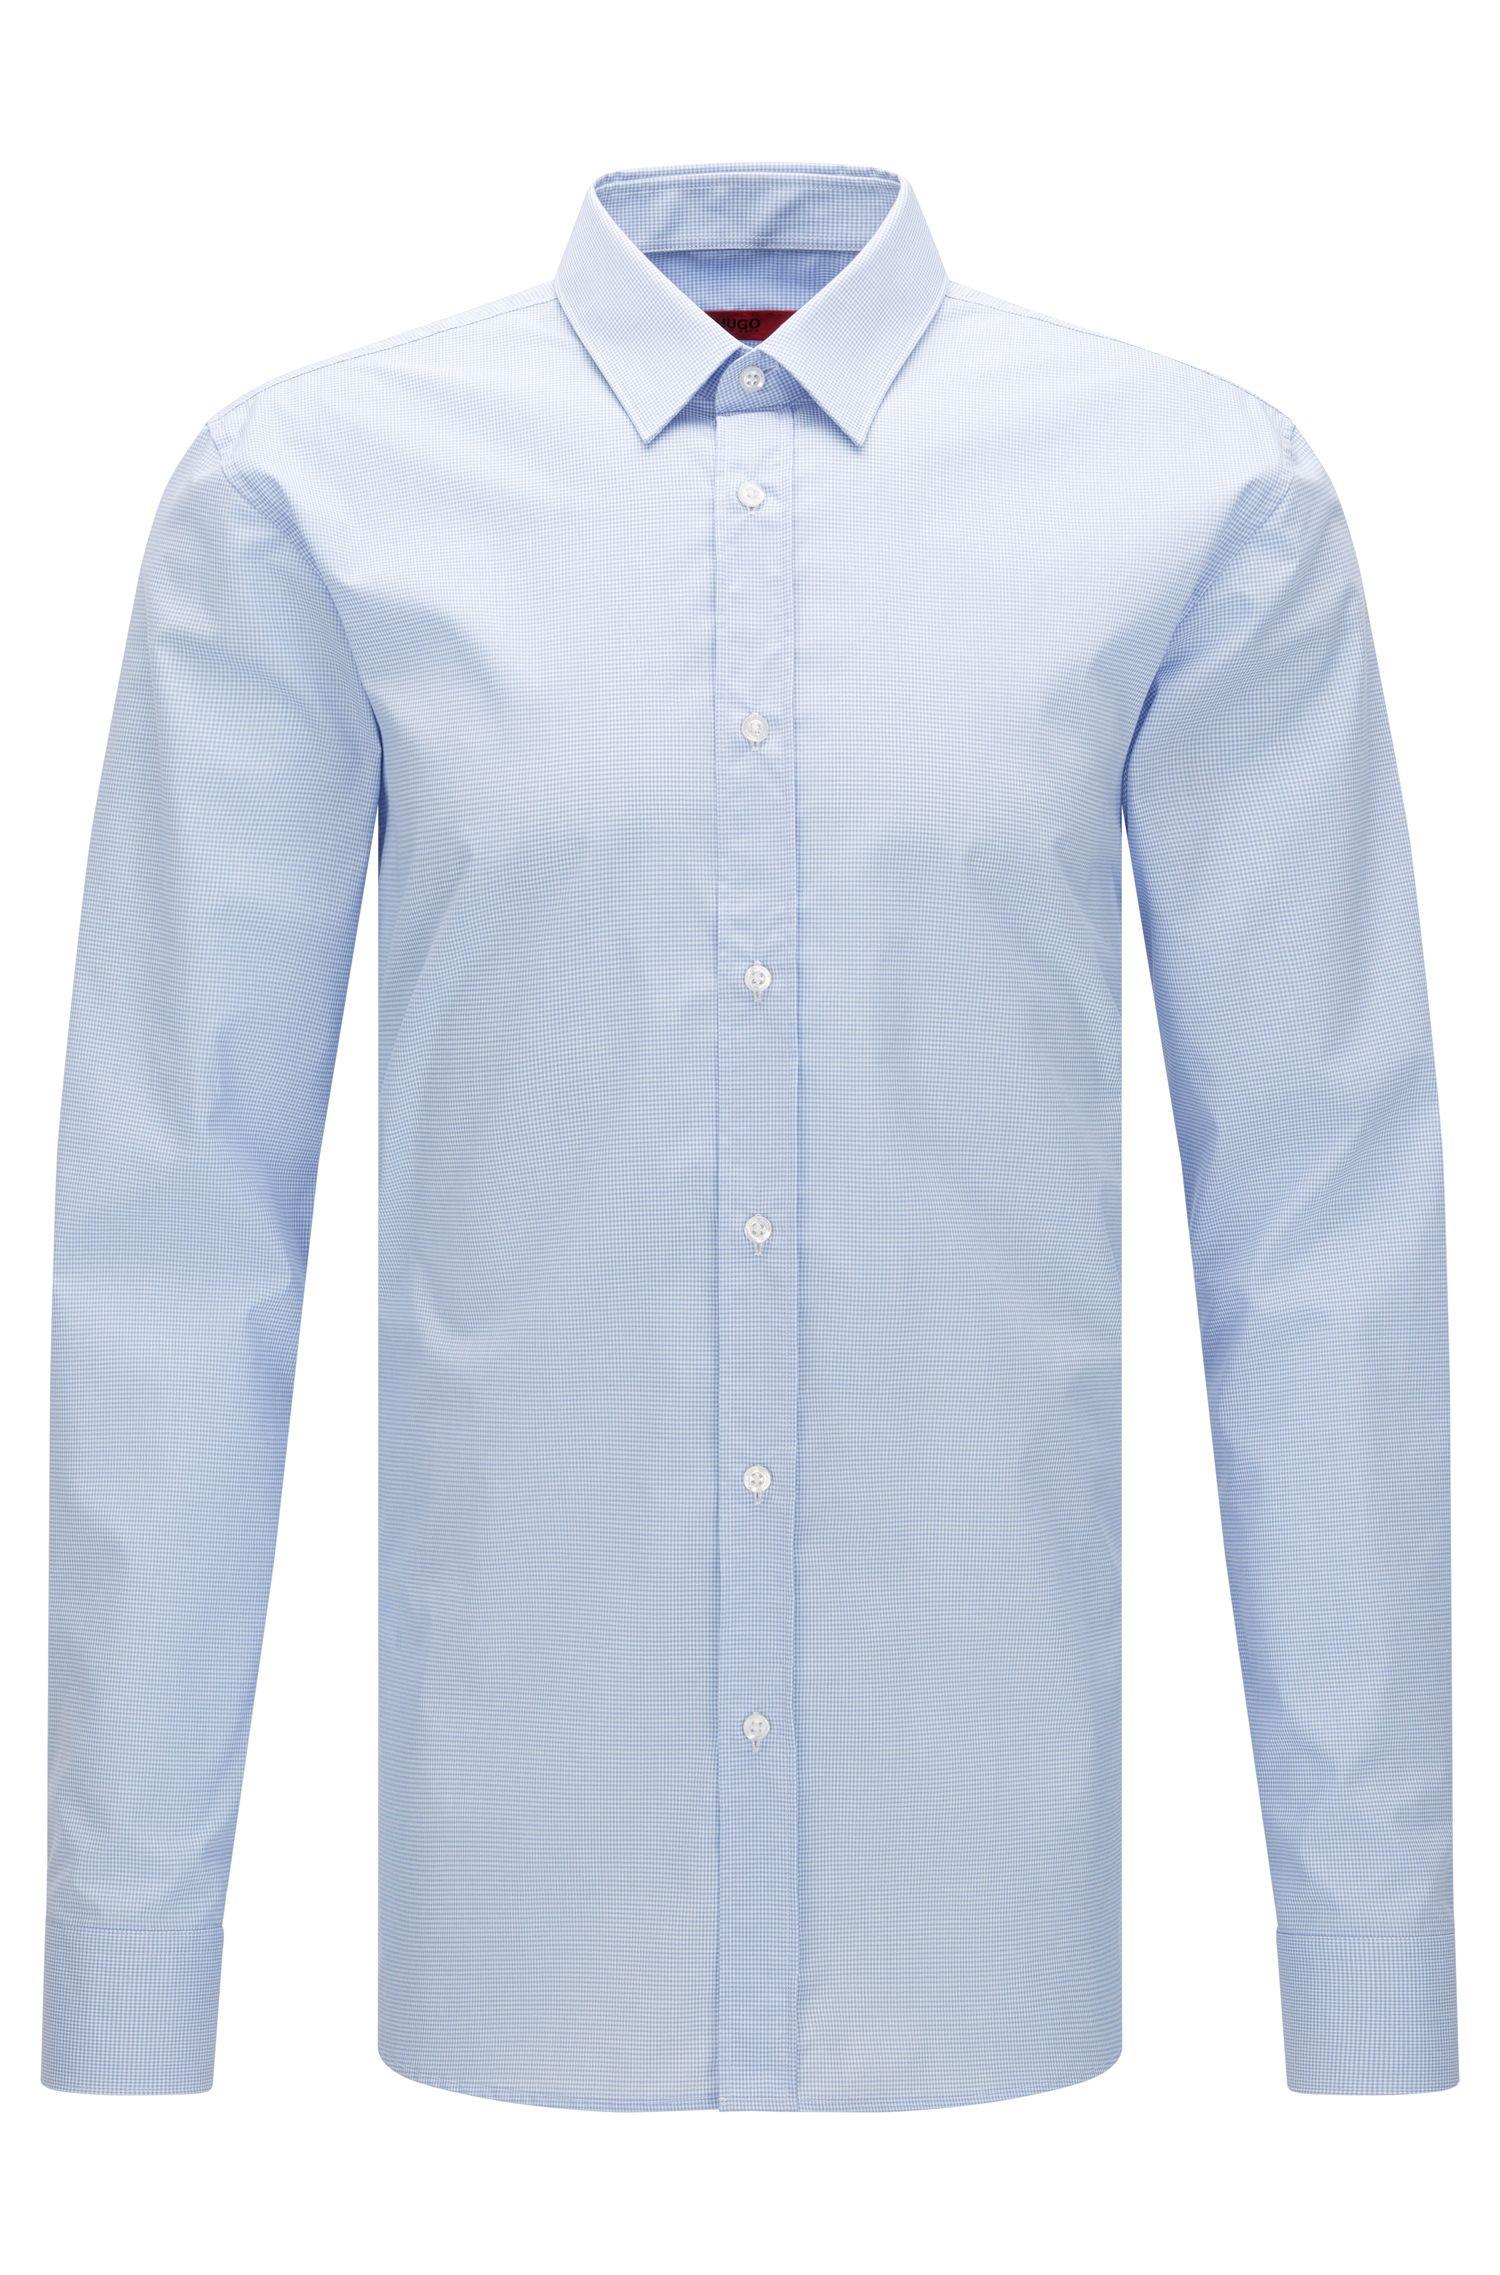 Fein kariertes Extra Slim-Fit Hemd aus bügelleichter Baumwolle: 'Elisha01'